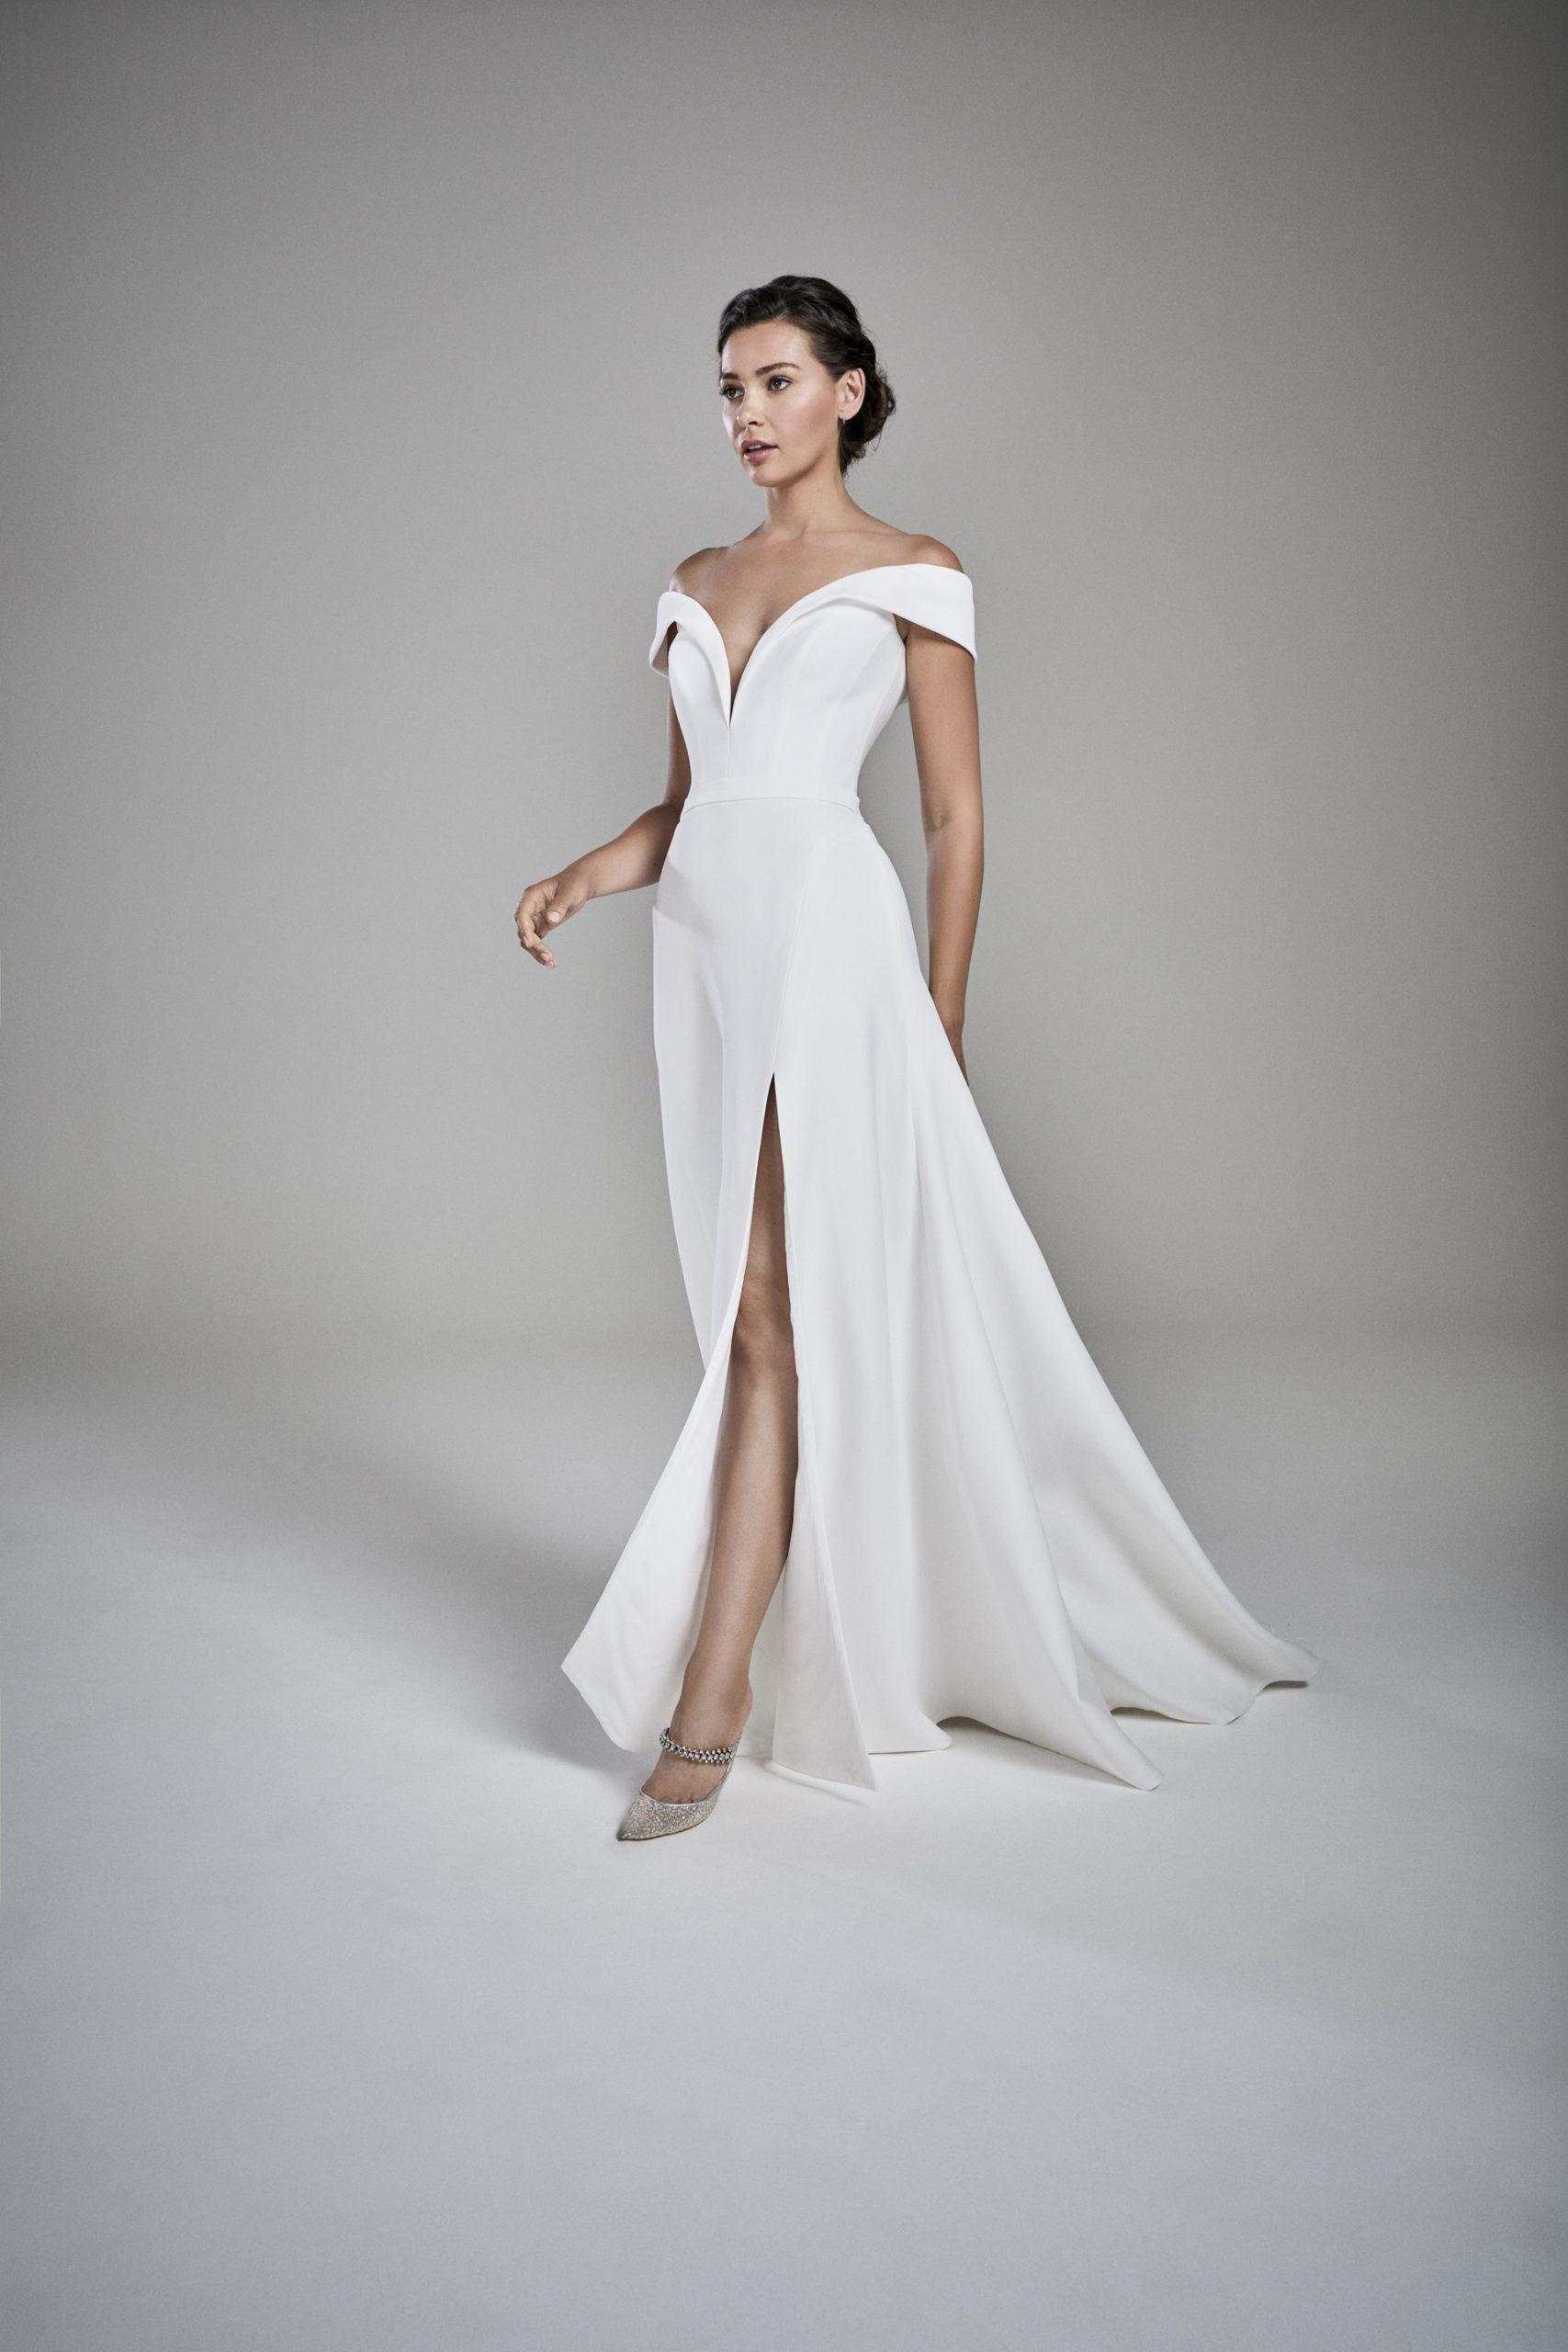 Suzanne Neville Gabrielle wedding dress